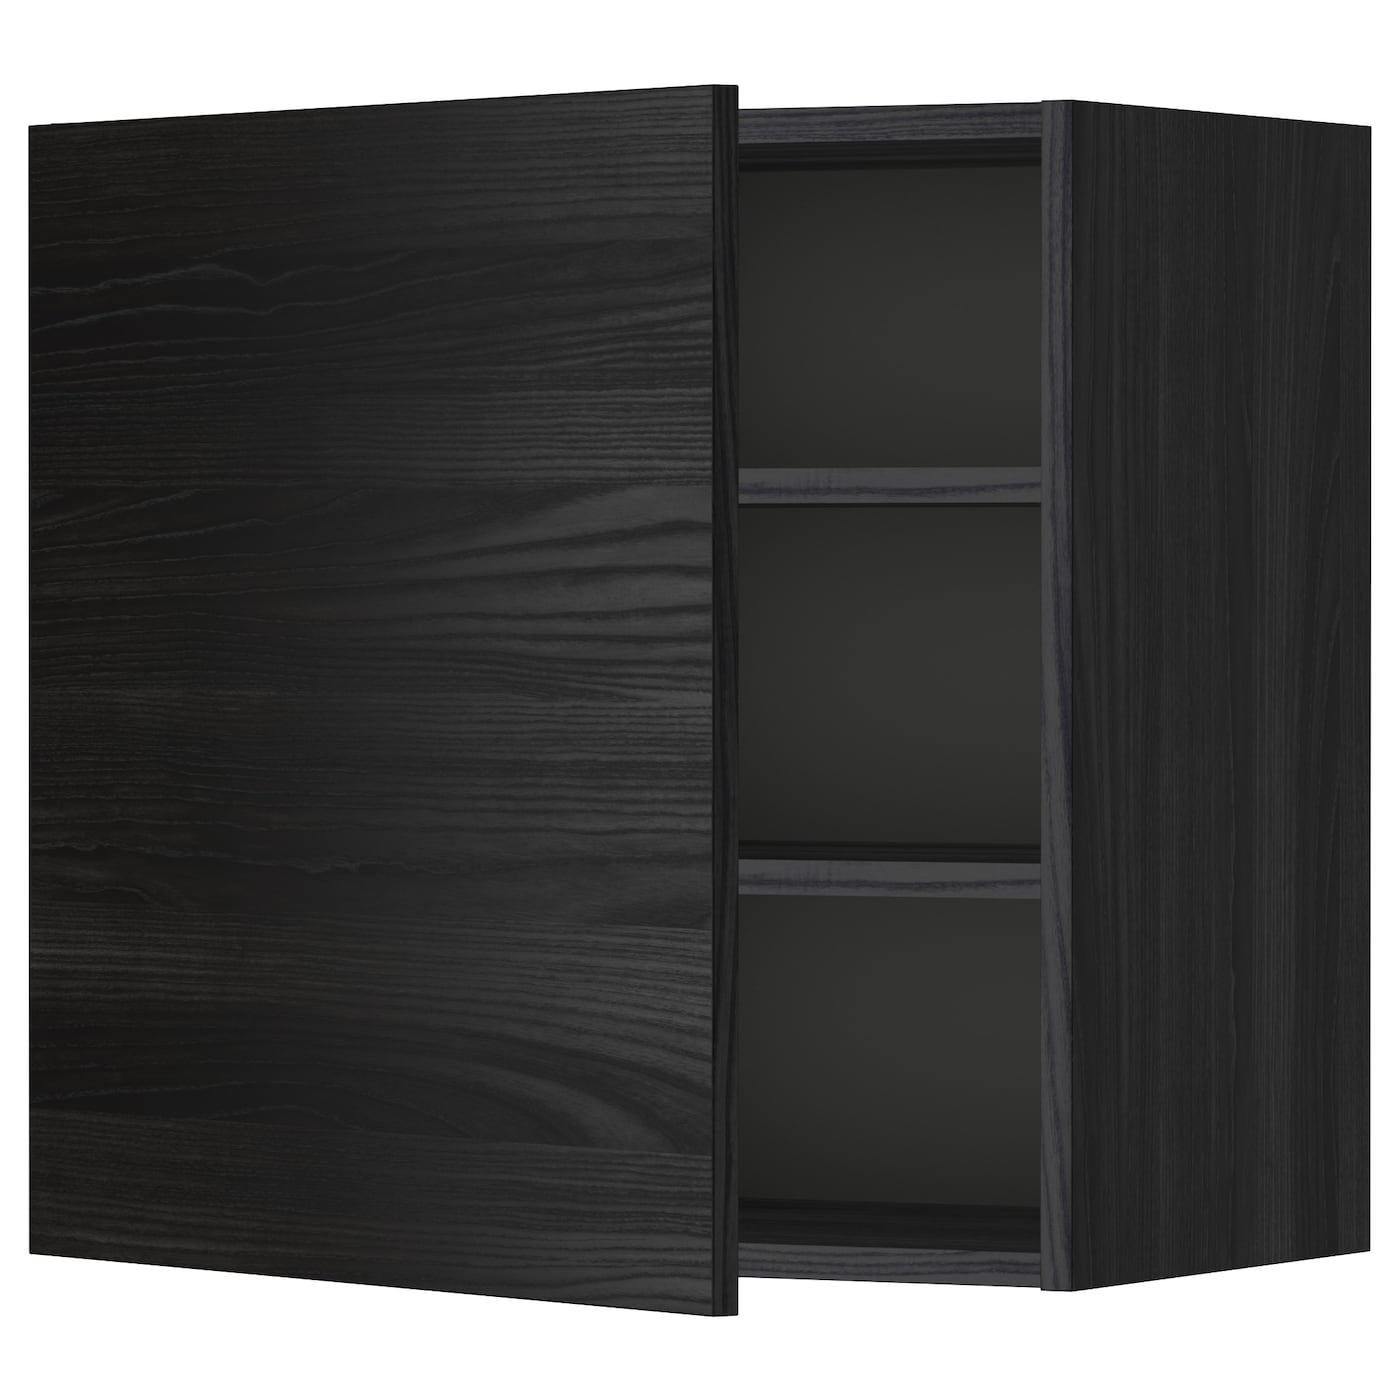 METOD, Wandschrank mit Böden, schwarz 299.181.04